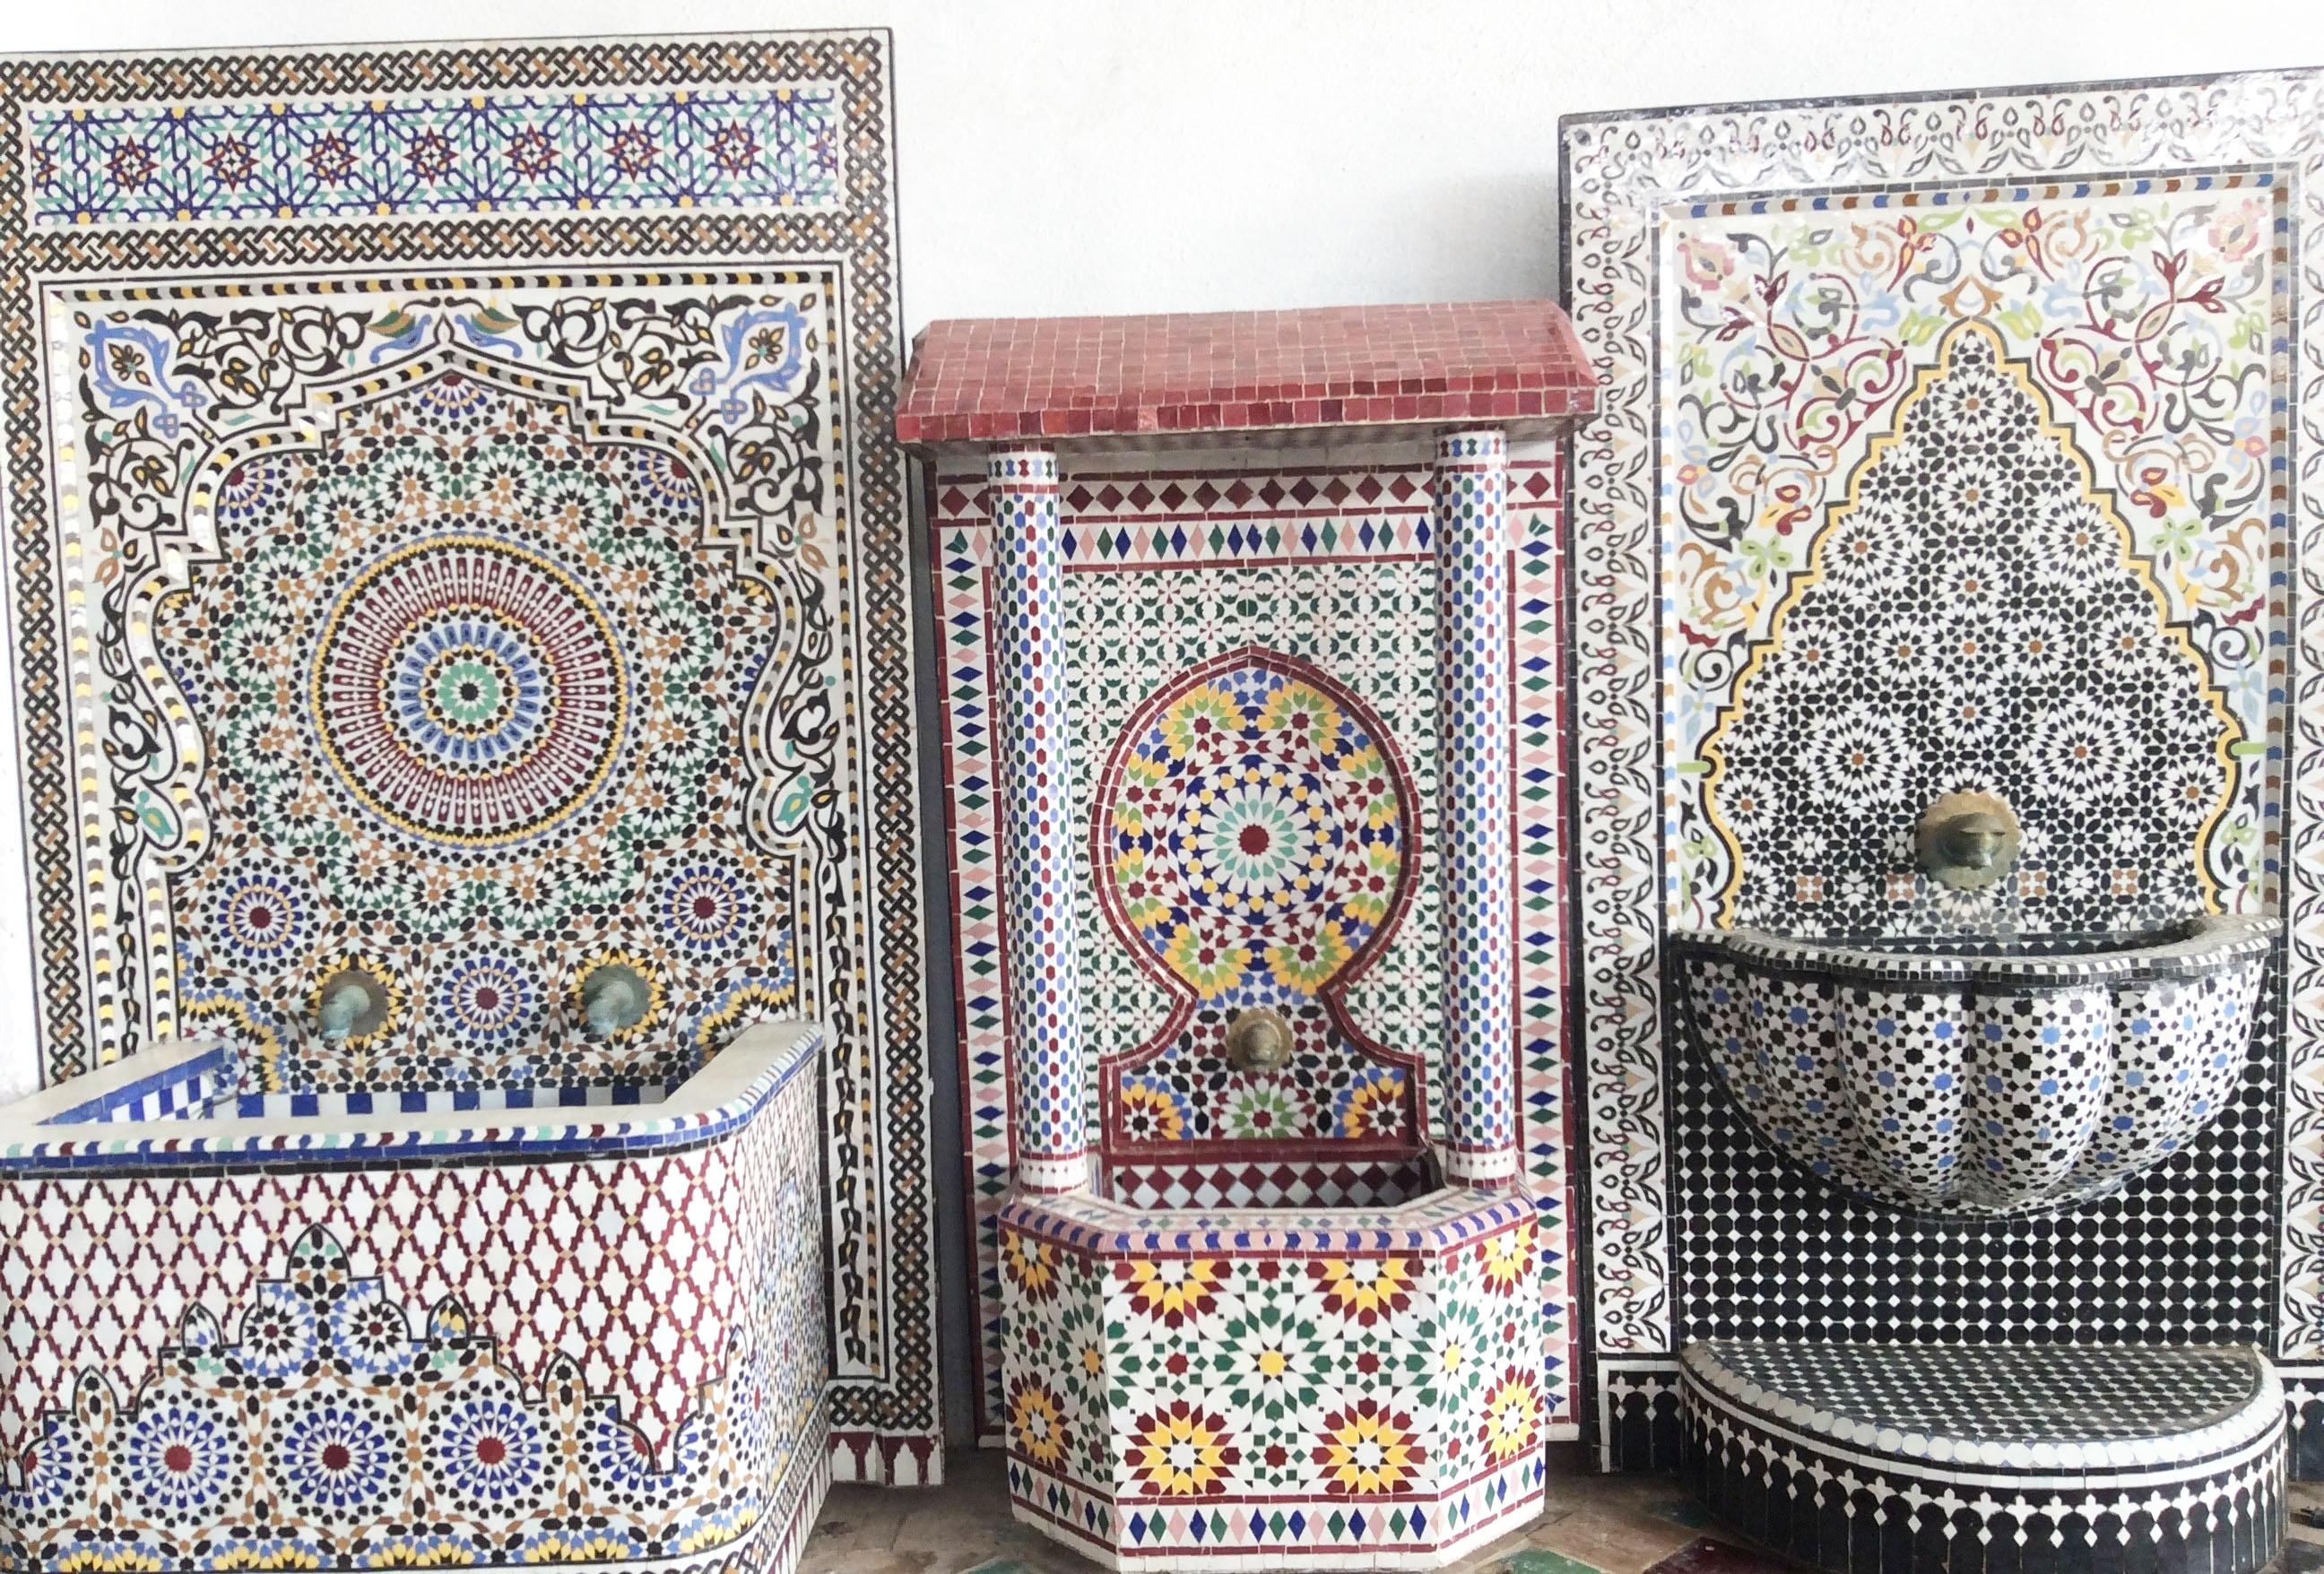 Fontane mosaico ceramica smaltata marmo gimarts for Mosaico ceramica